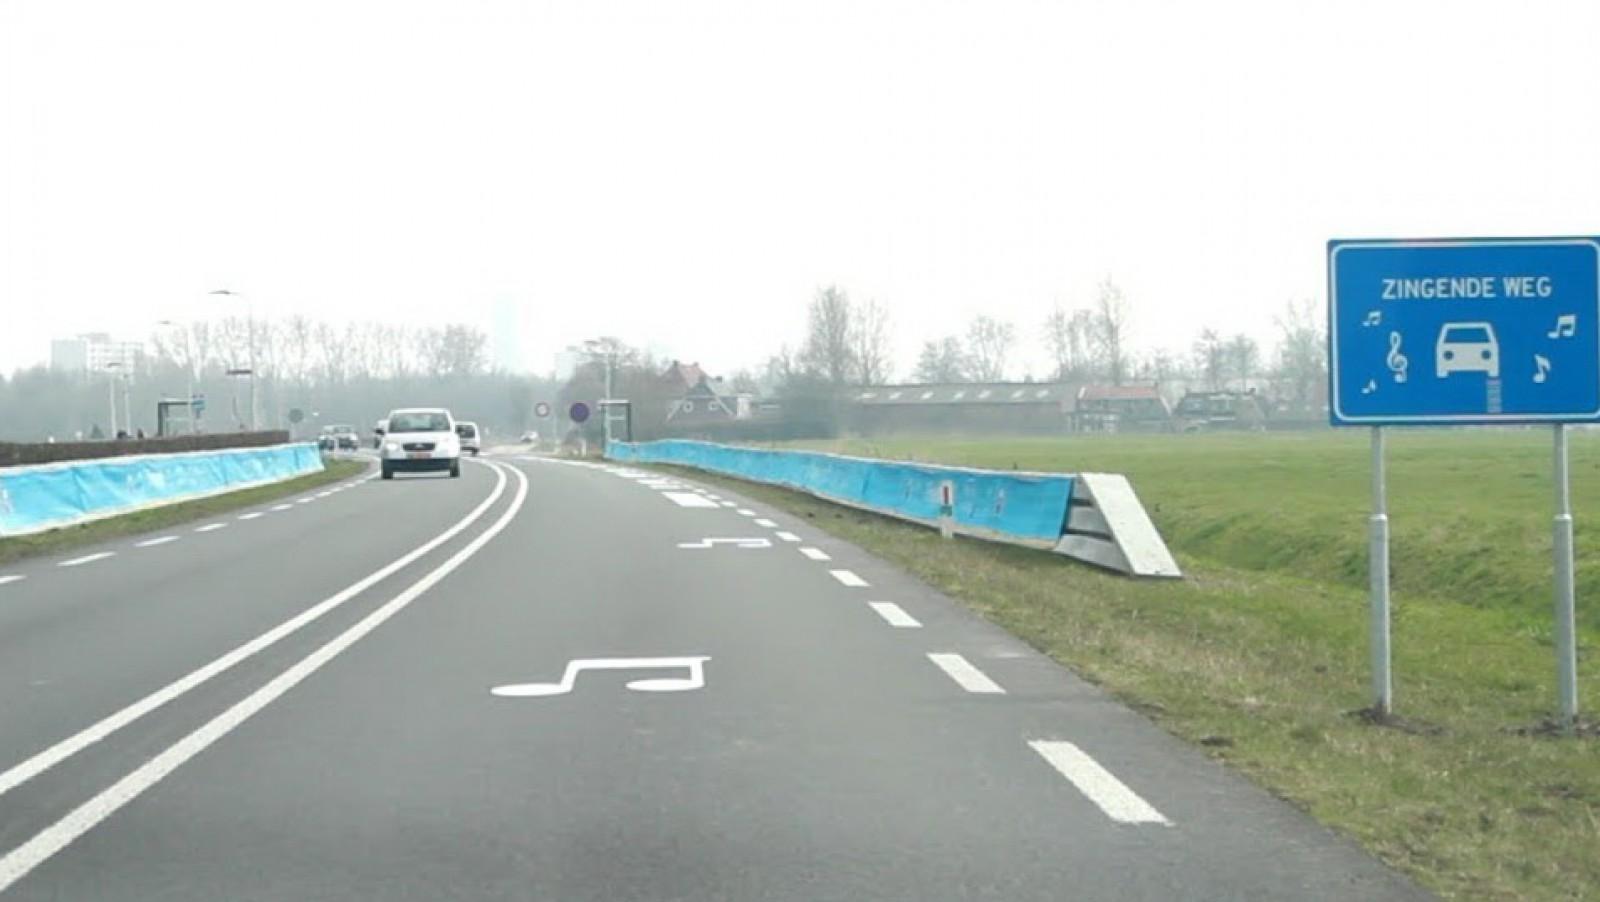 (video) În Olanda, localnicii au cerut demontarea unui limitator de viteză pentru că îi scoate din minţi